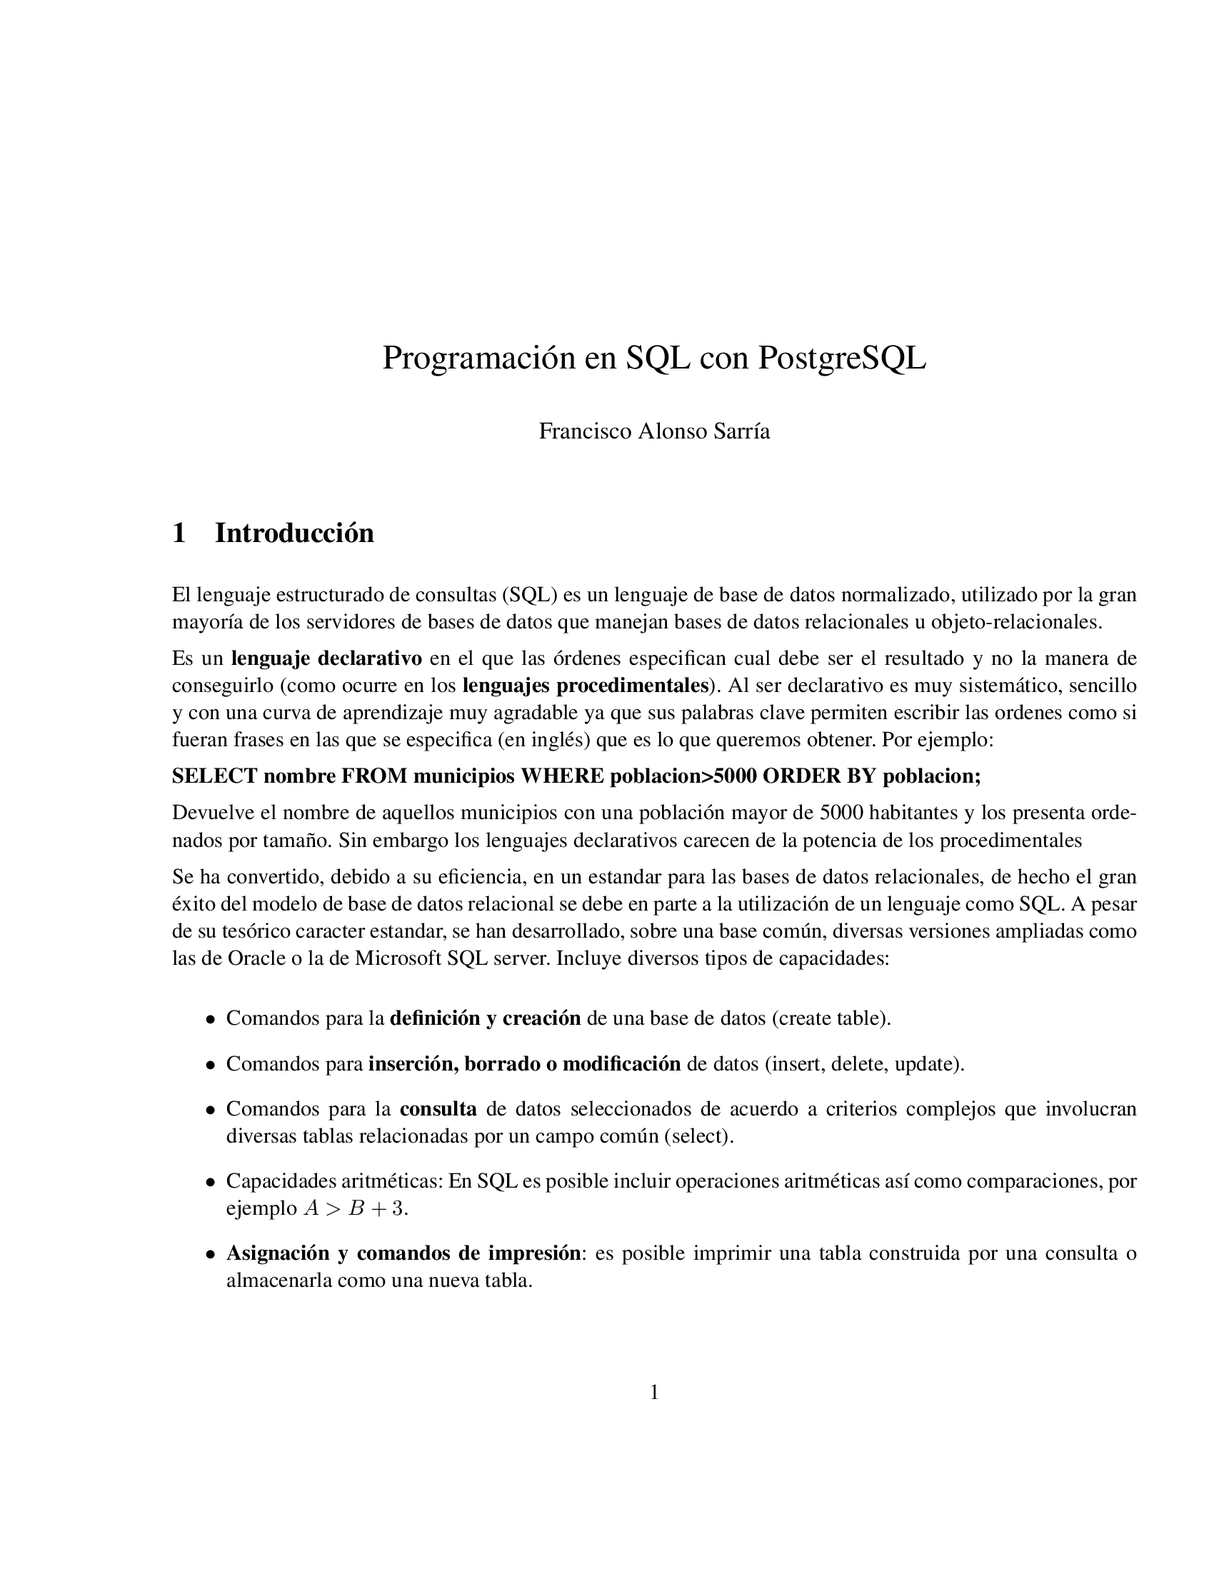 Posgramación en SQL con PostgreSQL